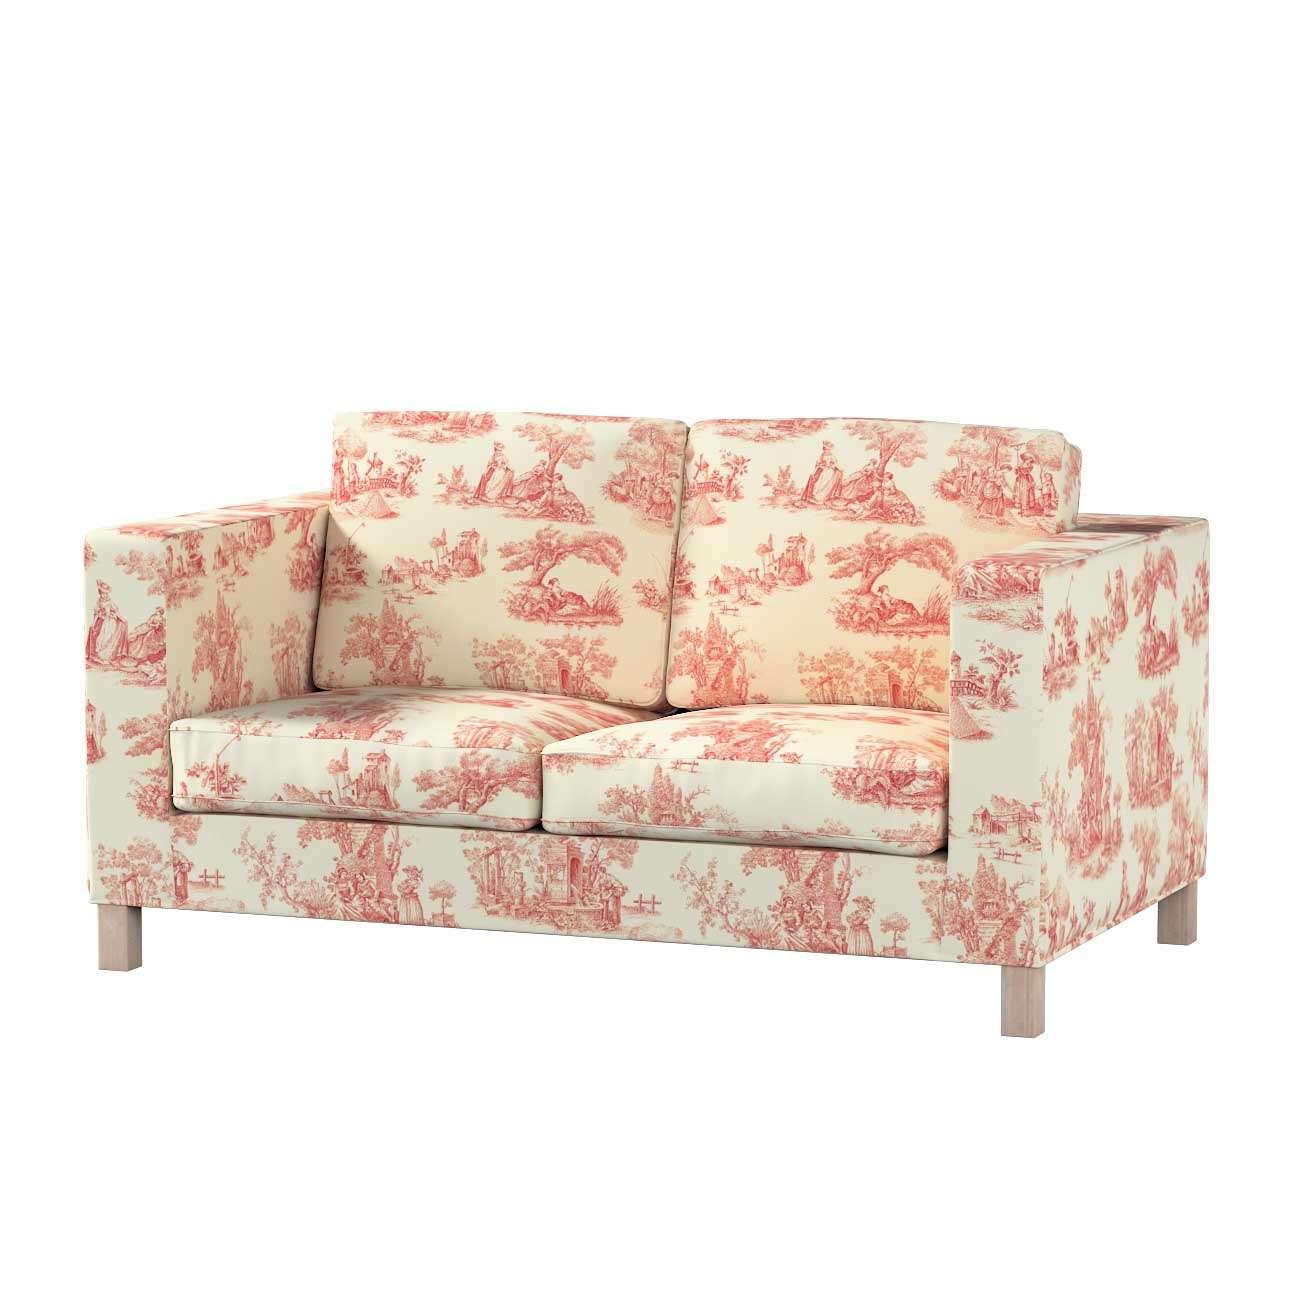 KARLANDA dvivietės sofos užvalkalas KARLANDA dvivietės sofos užvalkalas kolekcijoje Avinon, audinys: 132-15